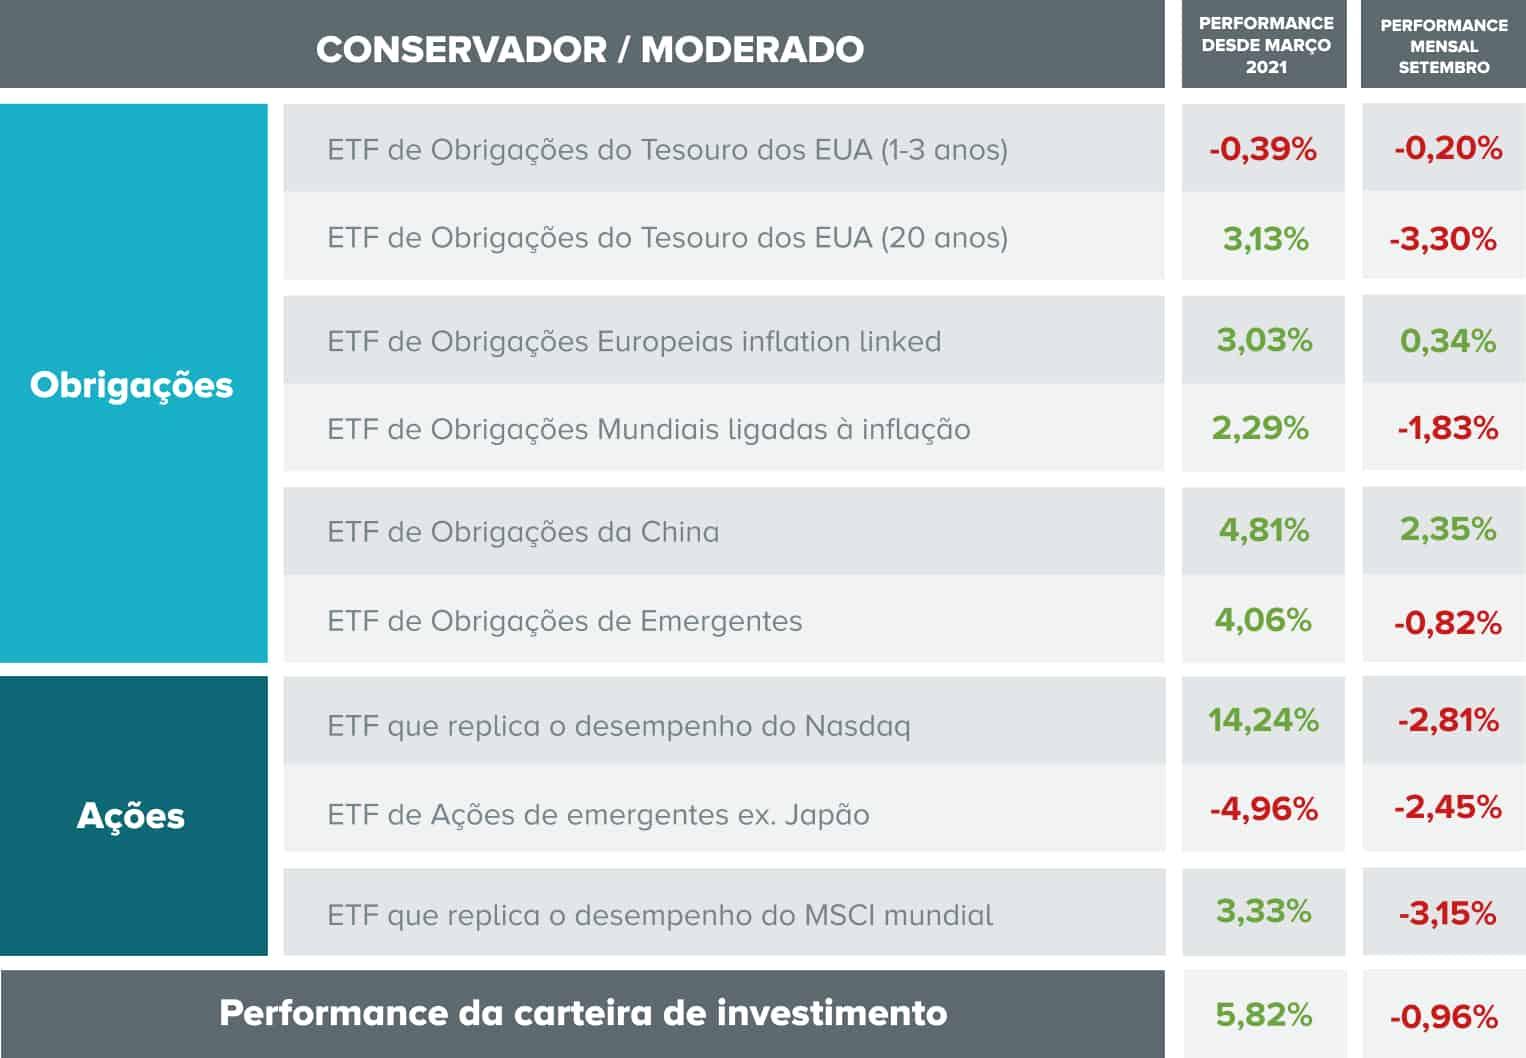 Composição e desempenho da carteira de investimento com perfil moderado.